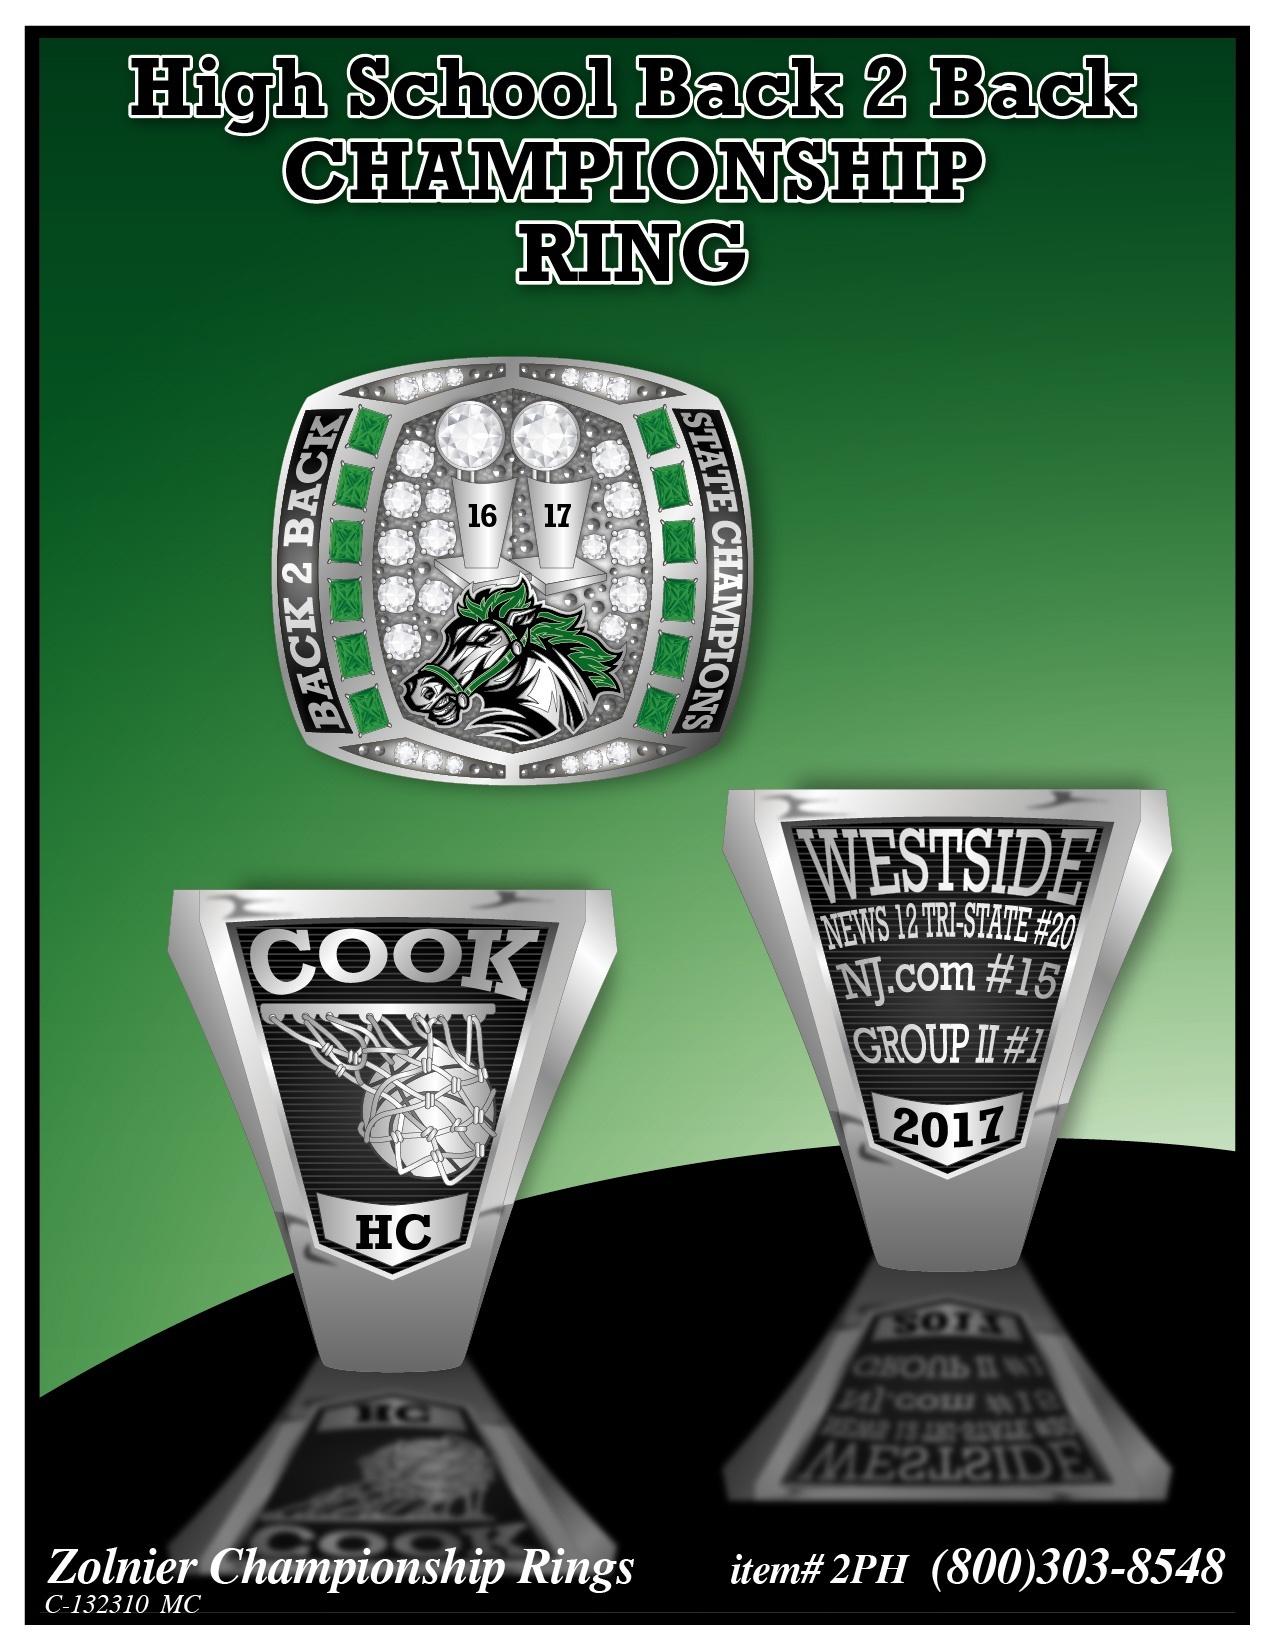 C-132310 Westside High School Back 2 Back Championship Ring